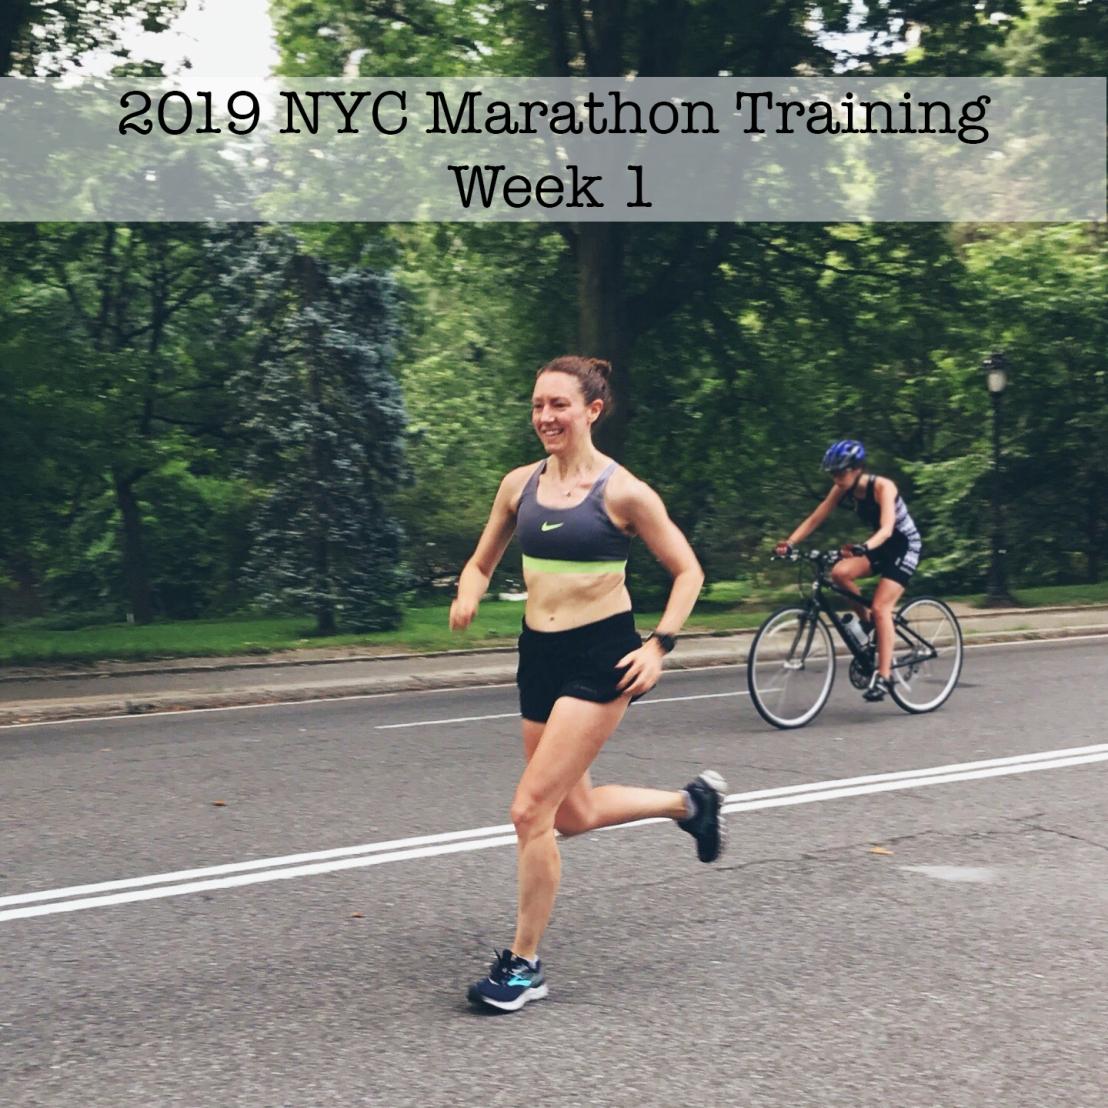 IMG_7801_2019 NYC Marathon Training Week 1